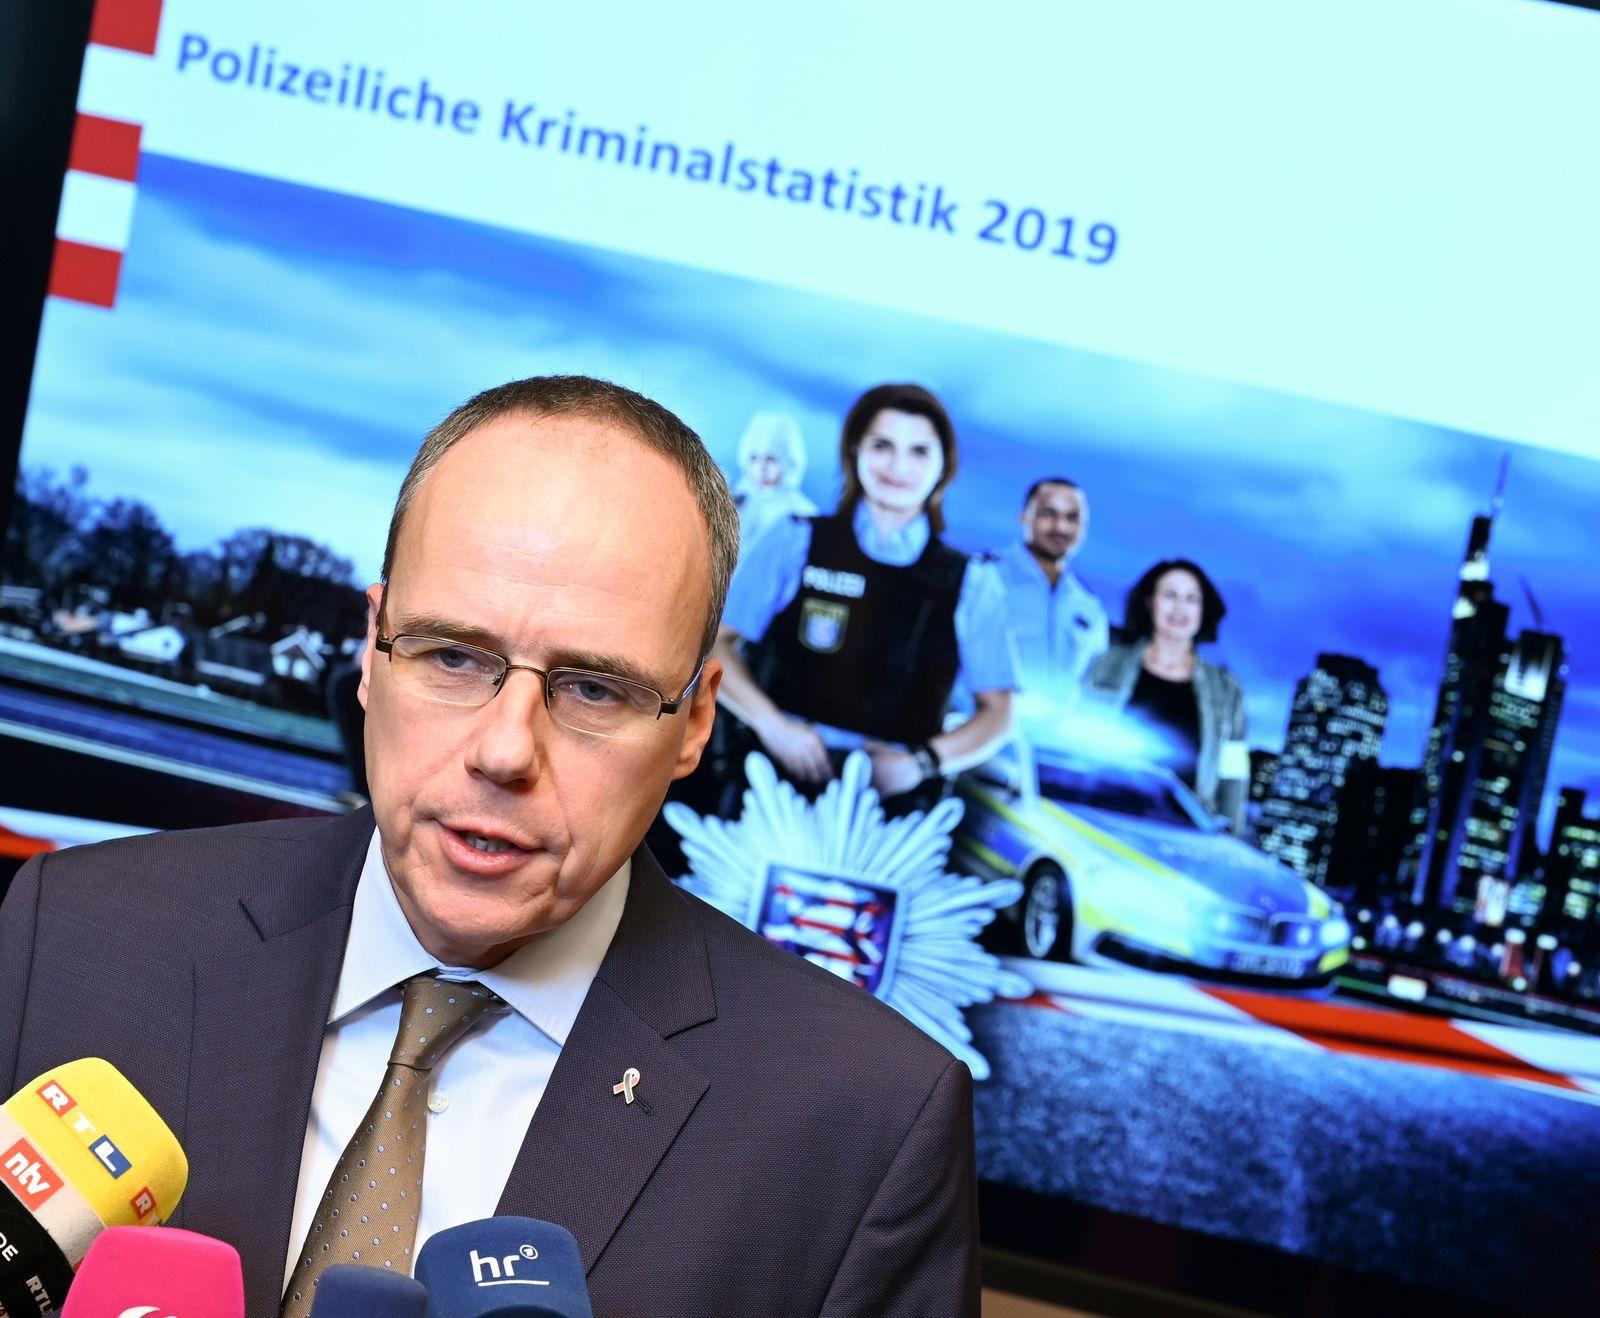 Pressekonferenz Polizeiliche Kriminalstatistik Hessen